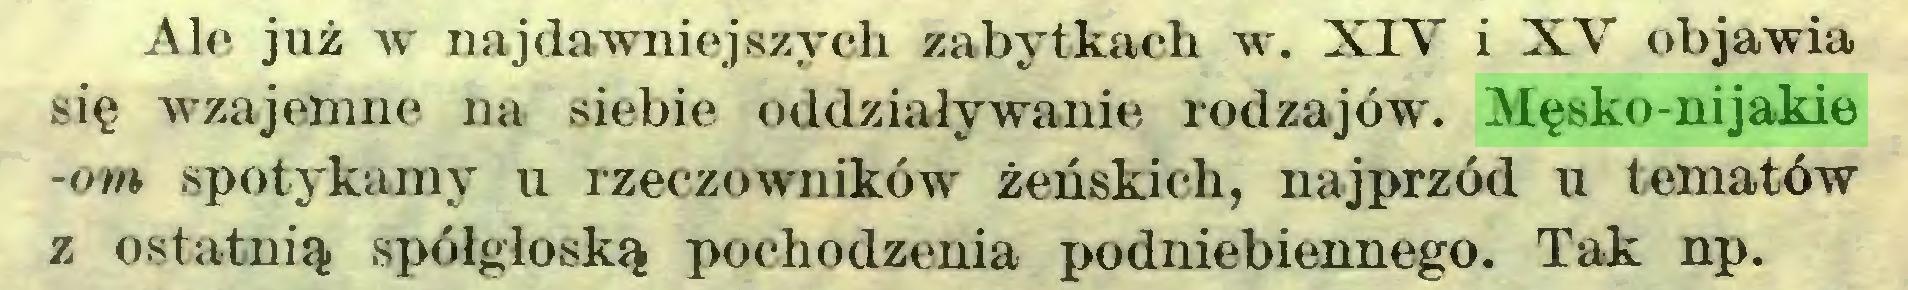 (...) Ale już w najdawniejszych zabytkach w. XIV i XV objawia się wzajemne na siebie oddziaływanie rodzajów. Męsko-nijakie -om spotykamy u rzeczowników żeńskich, najprzód u tematów z ostatnią spółgłoską pochodzenia podniebiennego. Tak np...